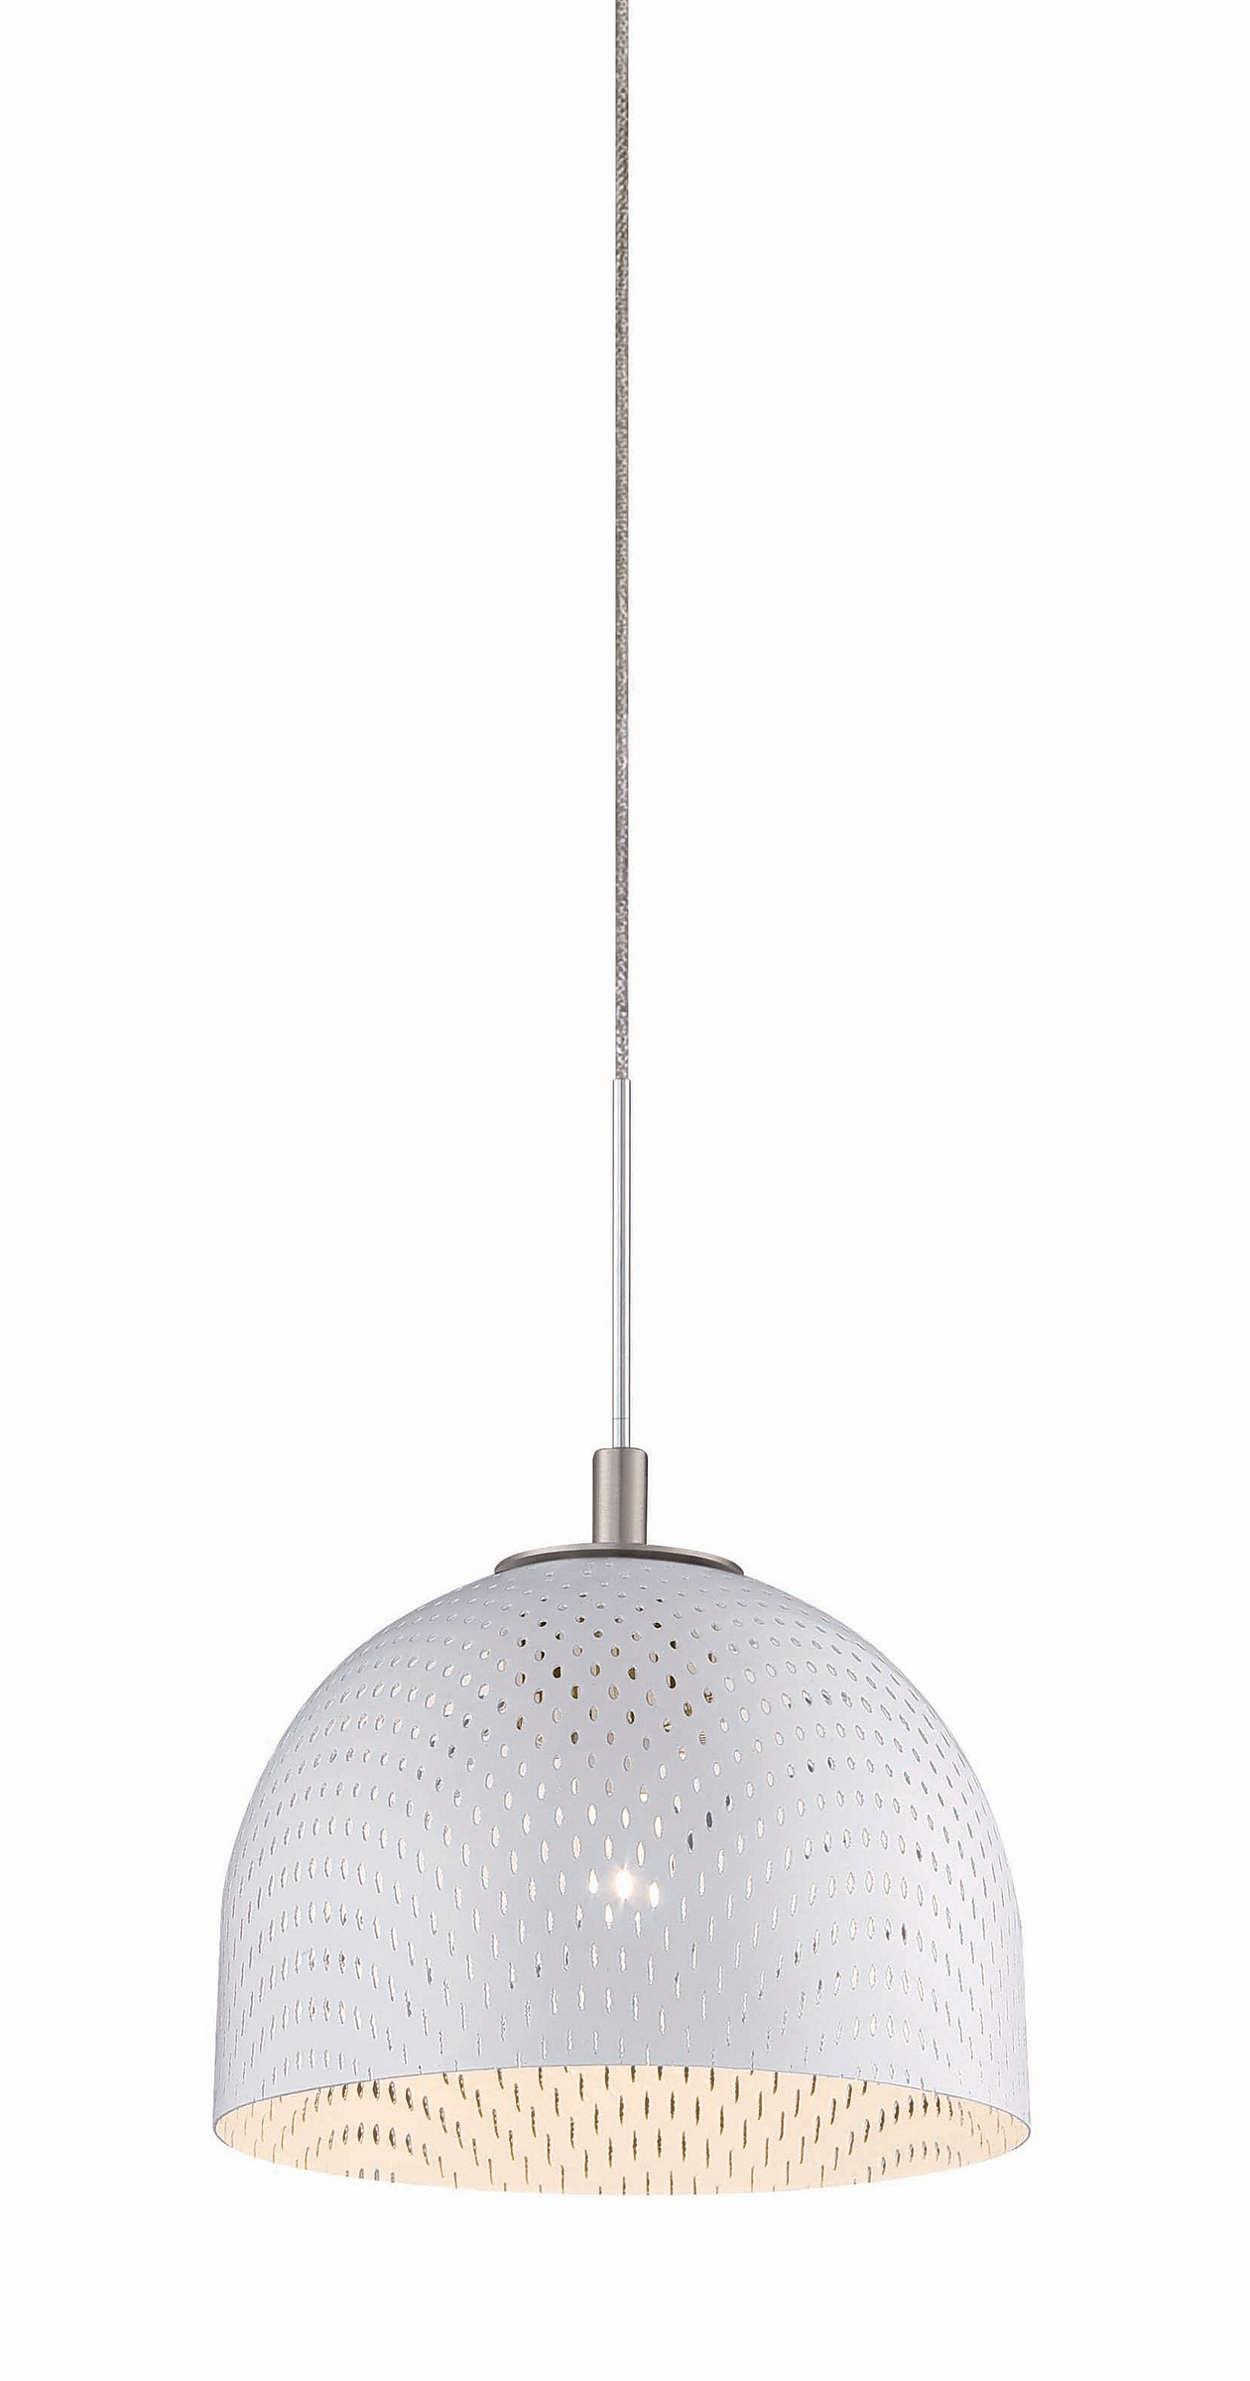 Mesh LED pendant